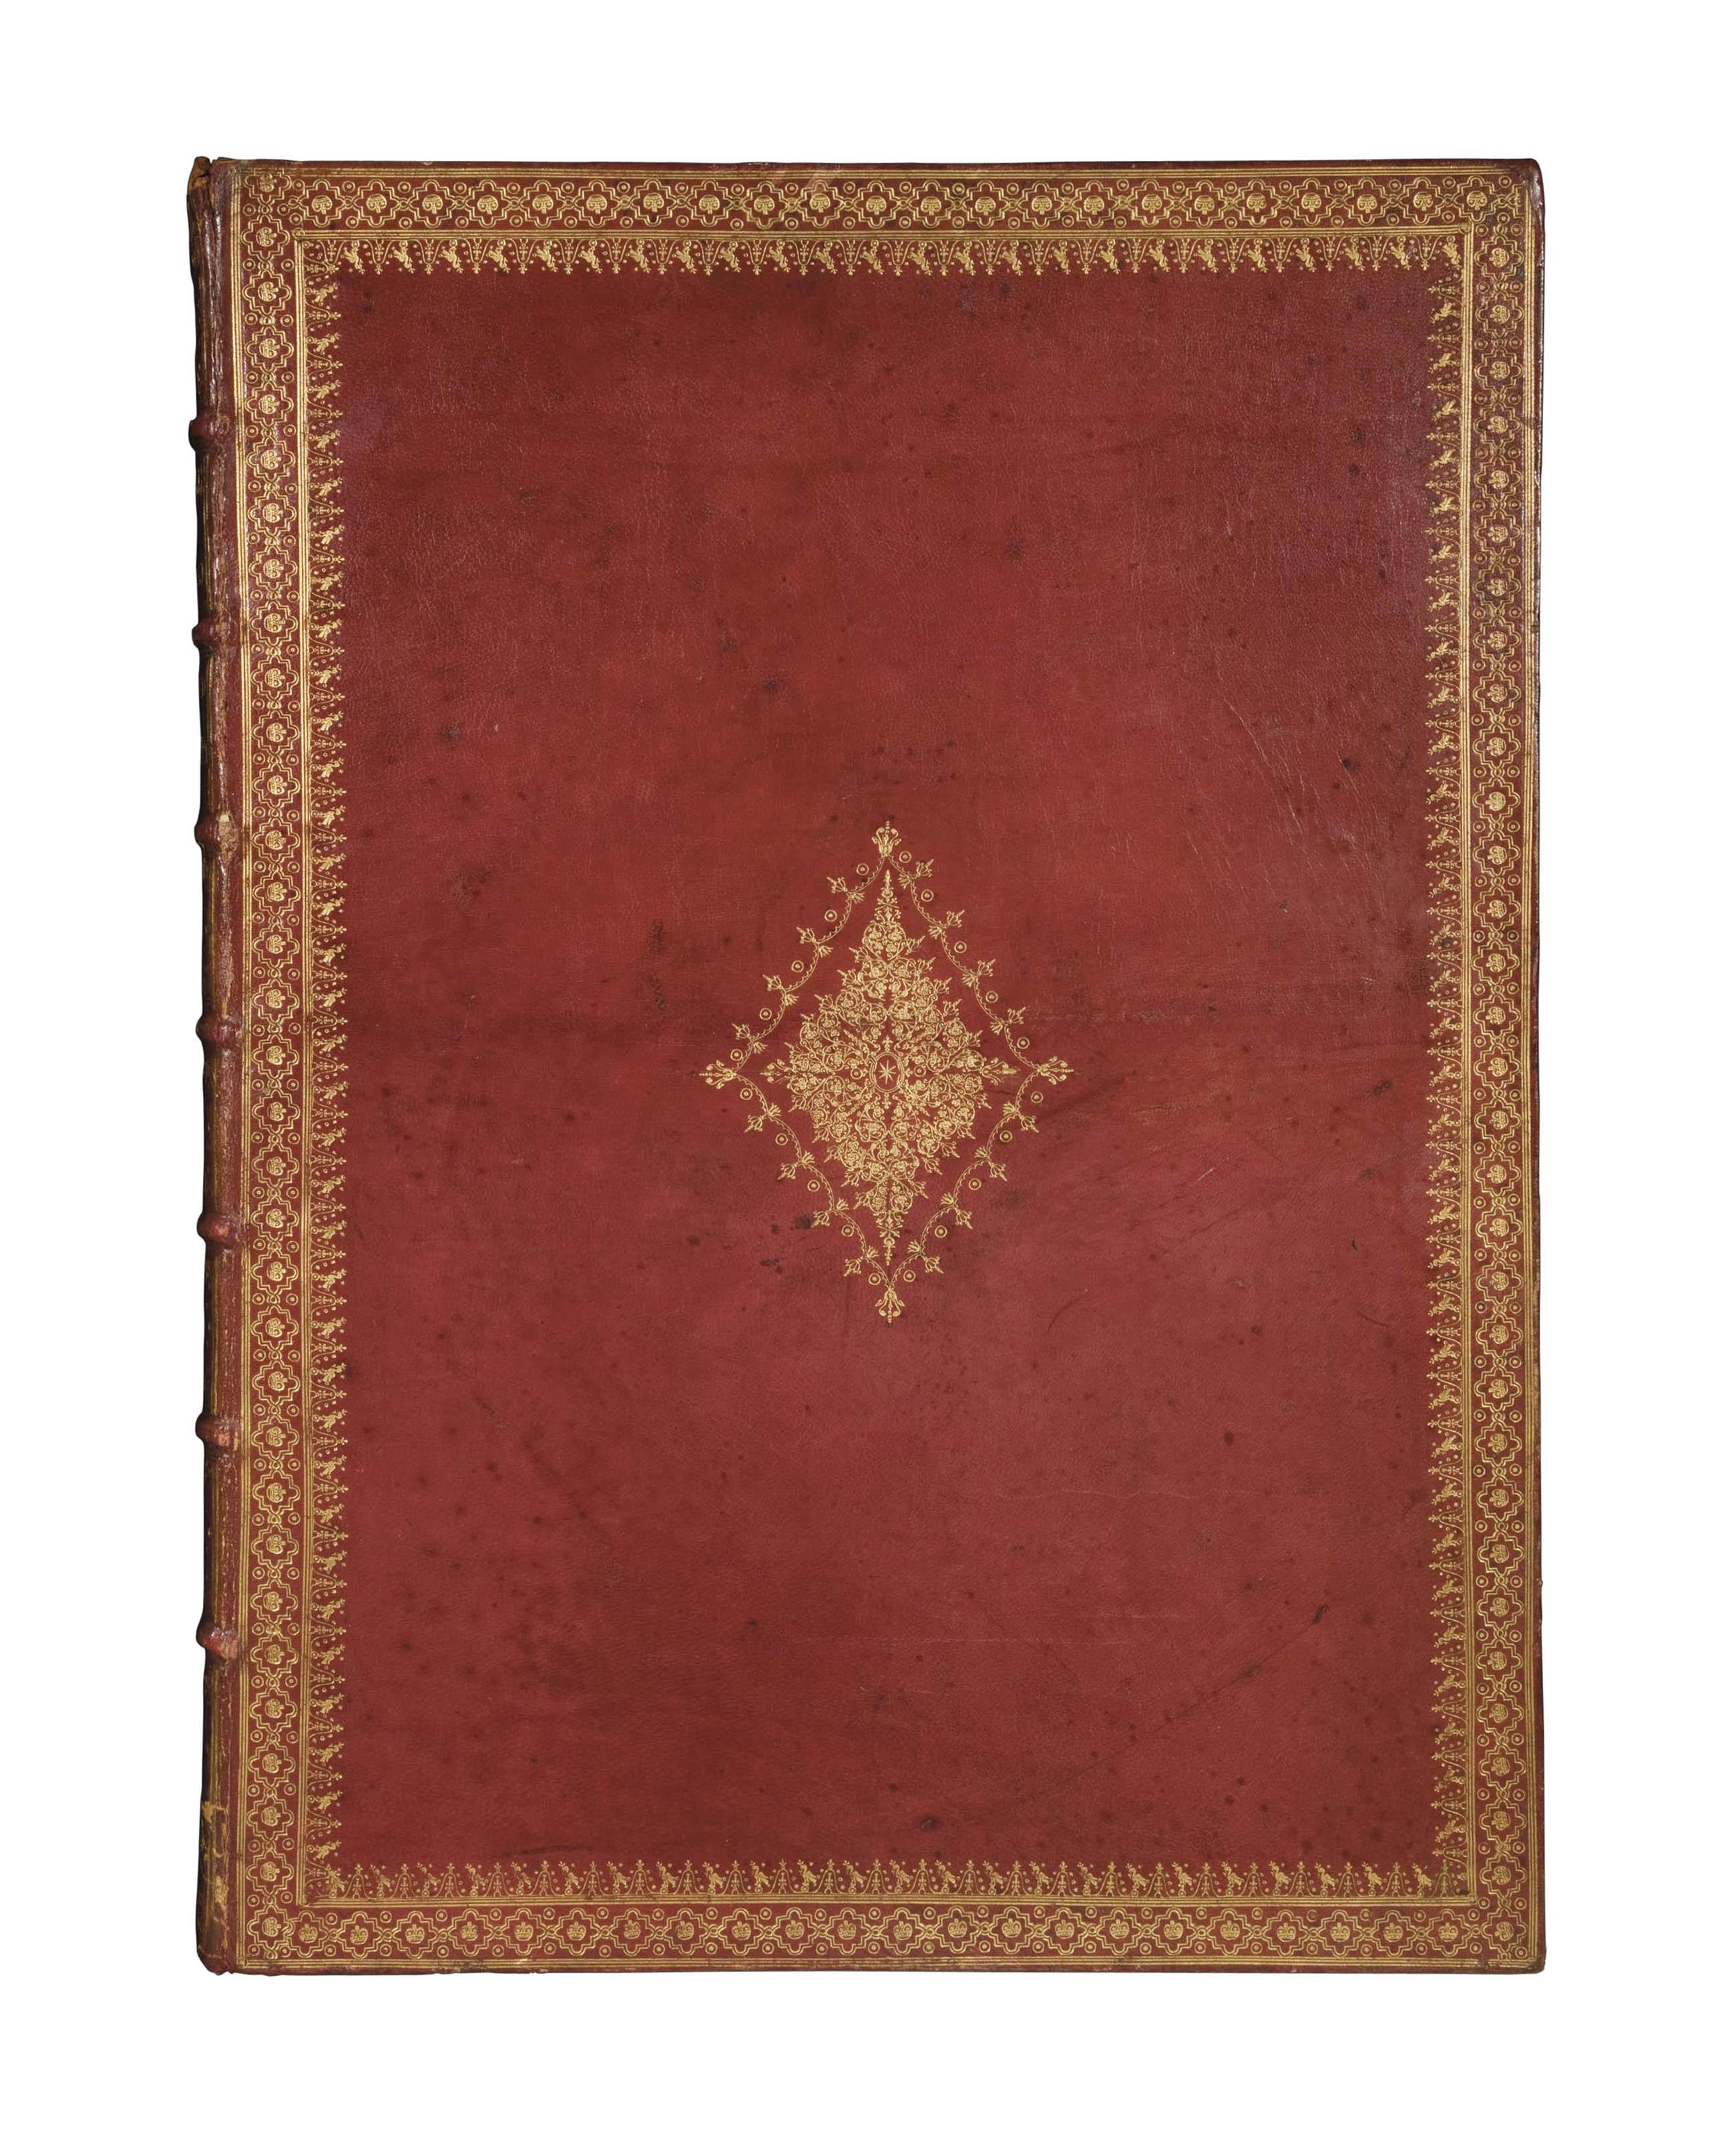 [CABINET DU ROI] -- PERRAULT, Charles (1628-1703). Courses de Testes et de Bague faittes par le Roy, et par les Princes et Seigneurs de sa Cour, en l'année 1662. Paris: imprimerie royale, Sébastien Mabre-Cramoisy, 1670.